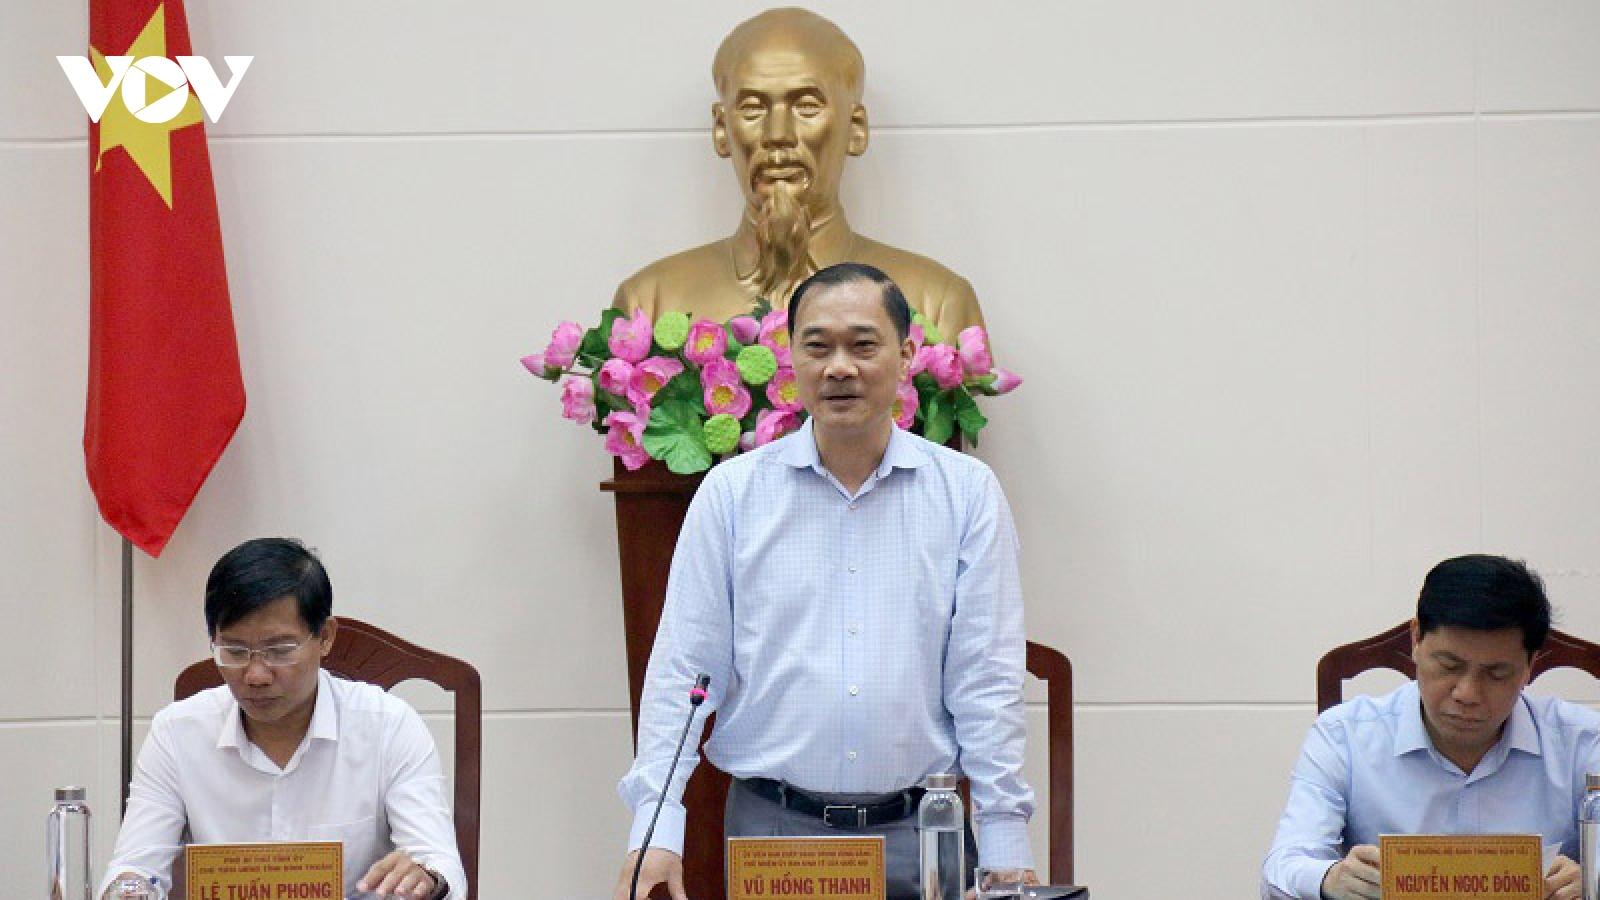 Đoàn công tác Ủy ban Kinh tế Quốc hội làm việc với tỉnh Bình Thuận